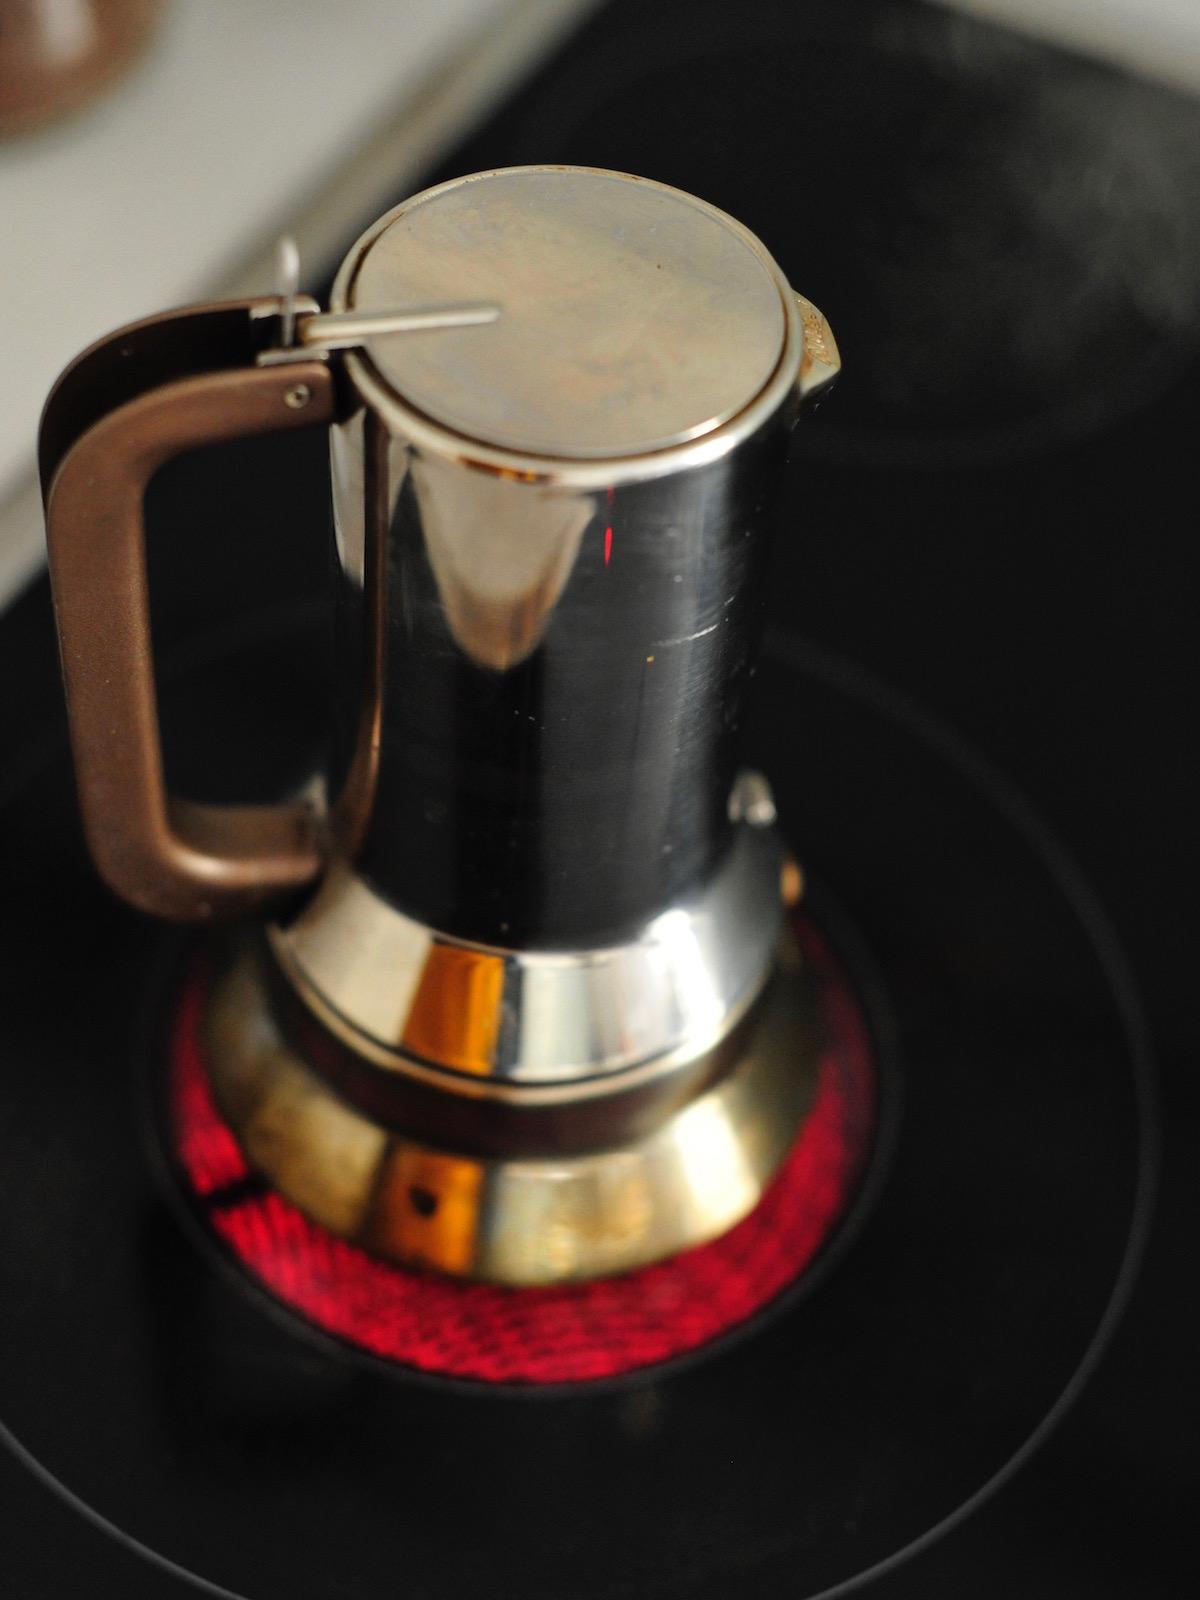 lienische Espressokanne auf dem Herd